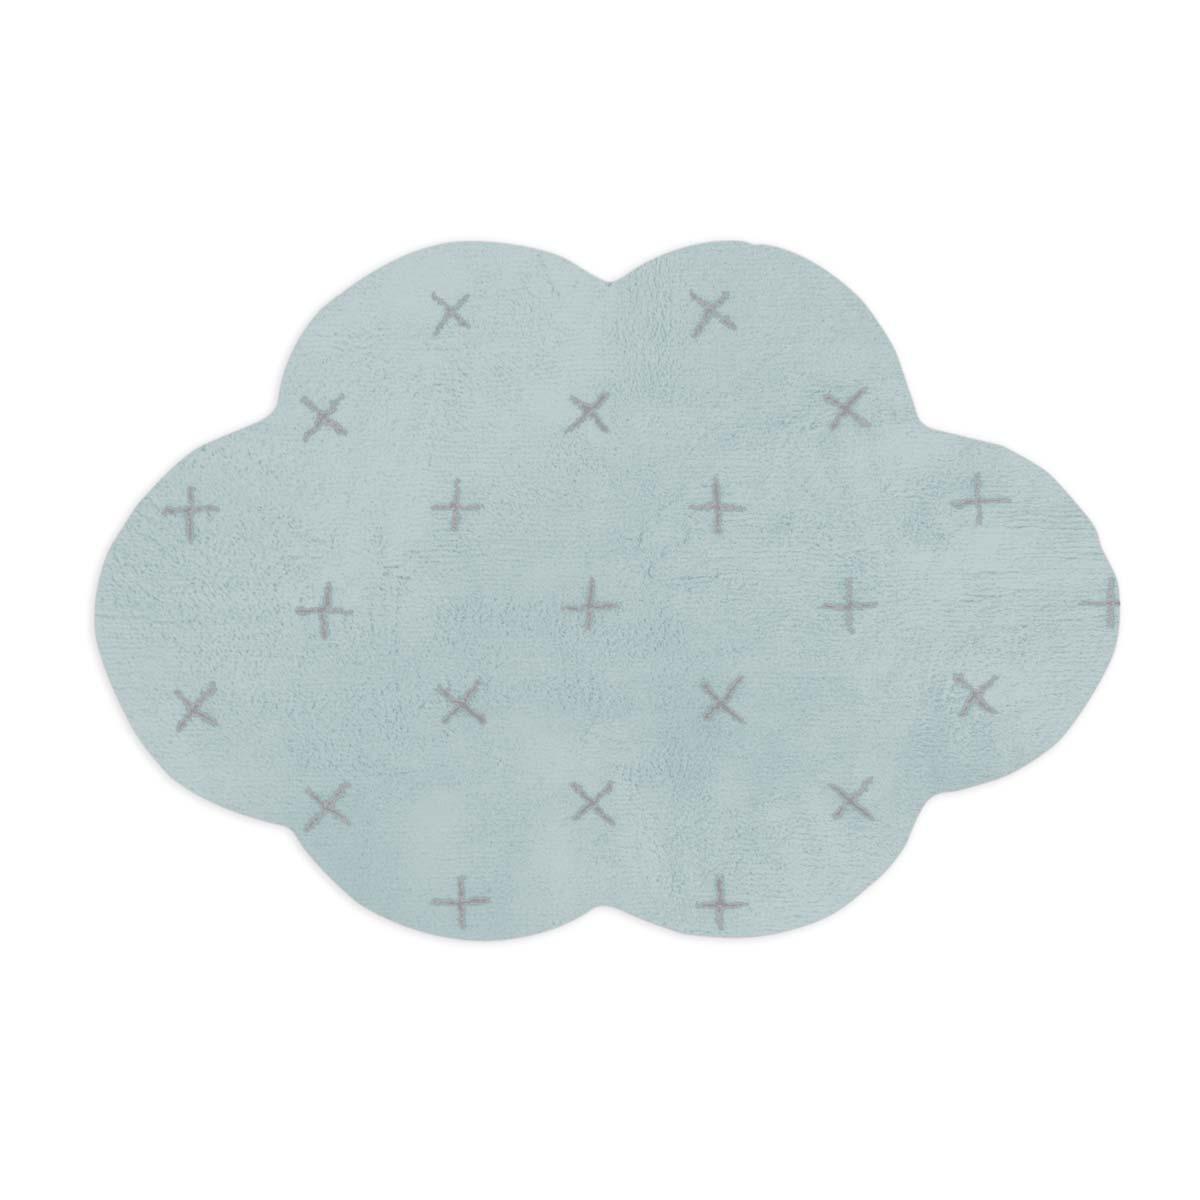 Tapete Floco Nuvem 120x160 Tecido Algodão Cruzeta Azul Claro